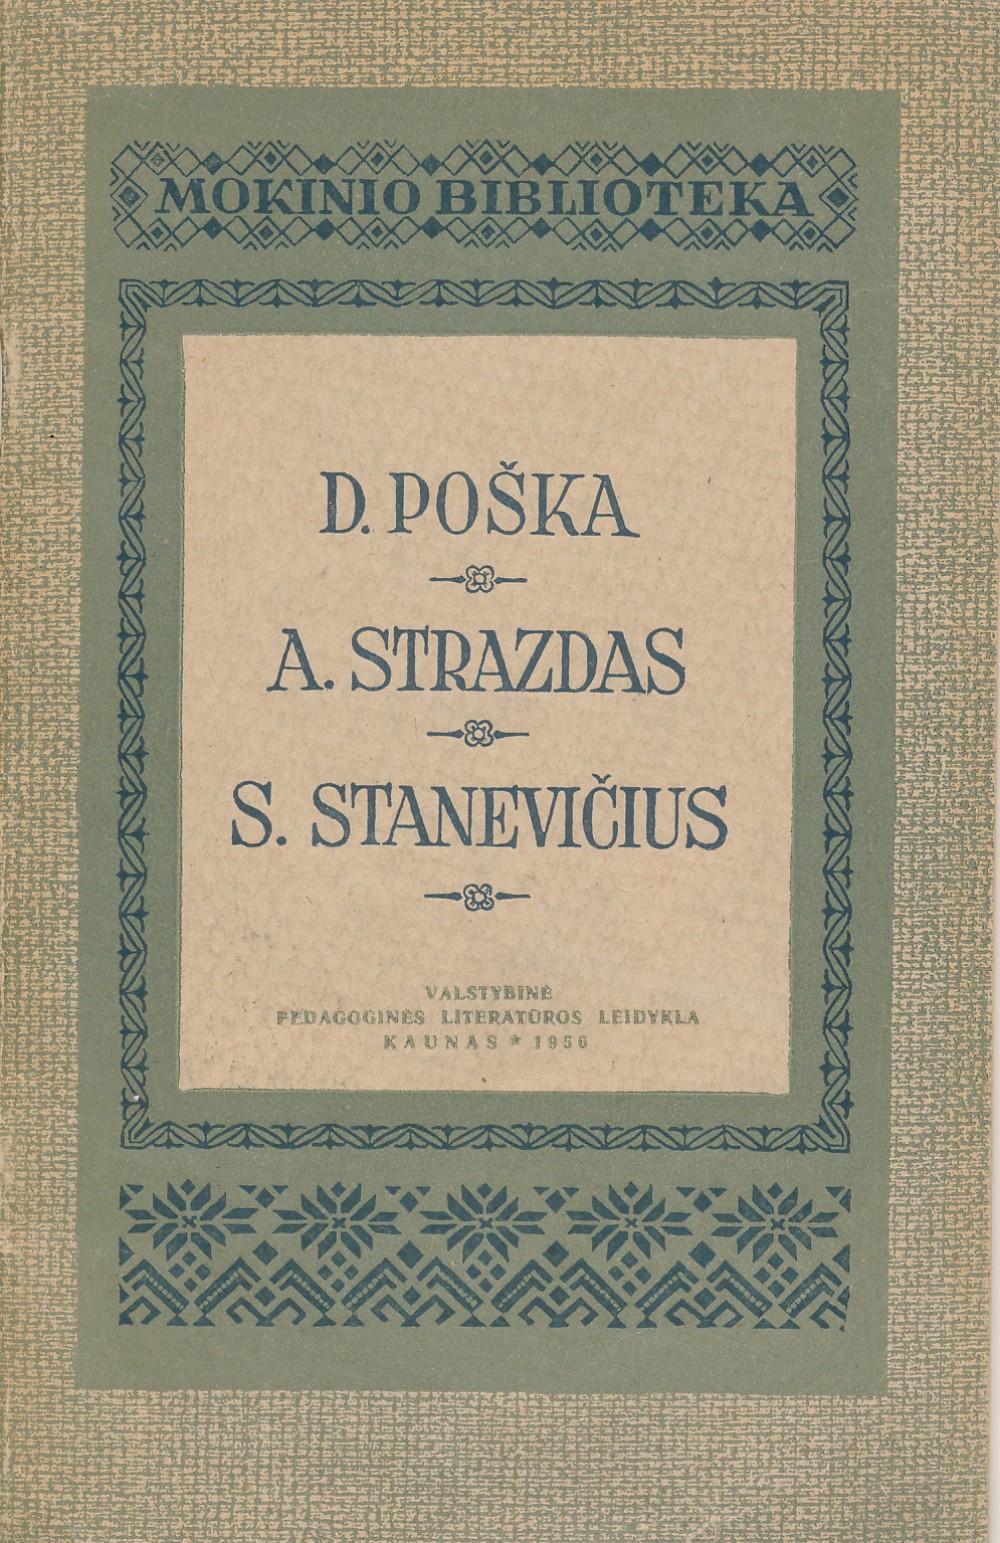 """Knyga moksleiviams, kurioje spausdinama poema """"Mužikas Žemaičių ir Lietuvos"""" ir Adolfo Sprindžio straipsnis apie D. Pošką"""